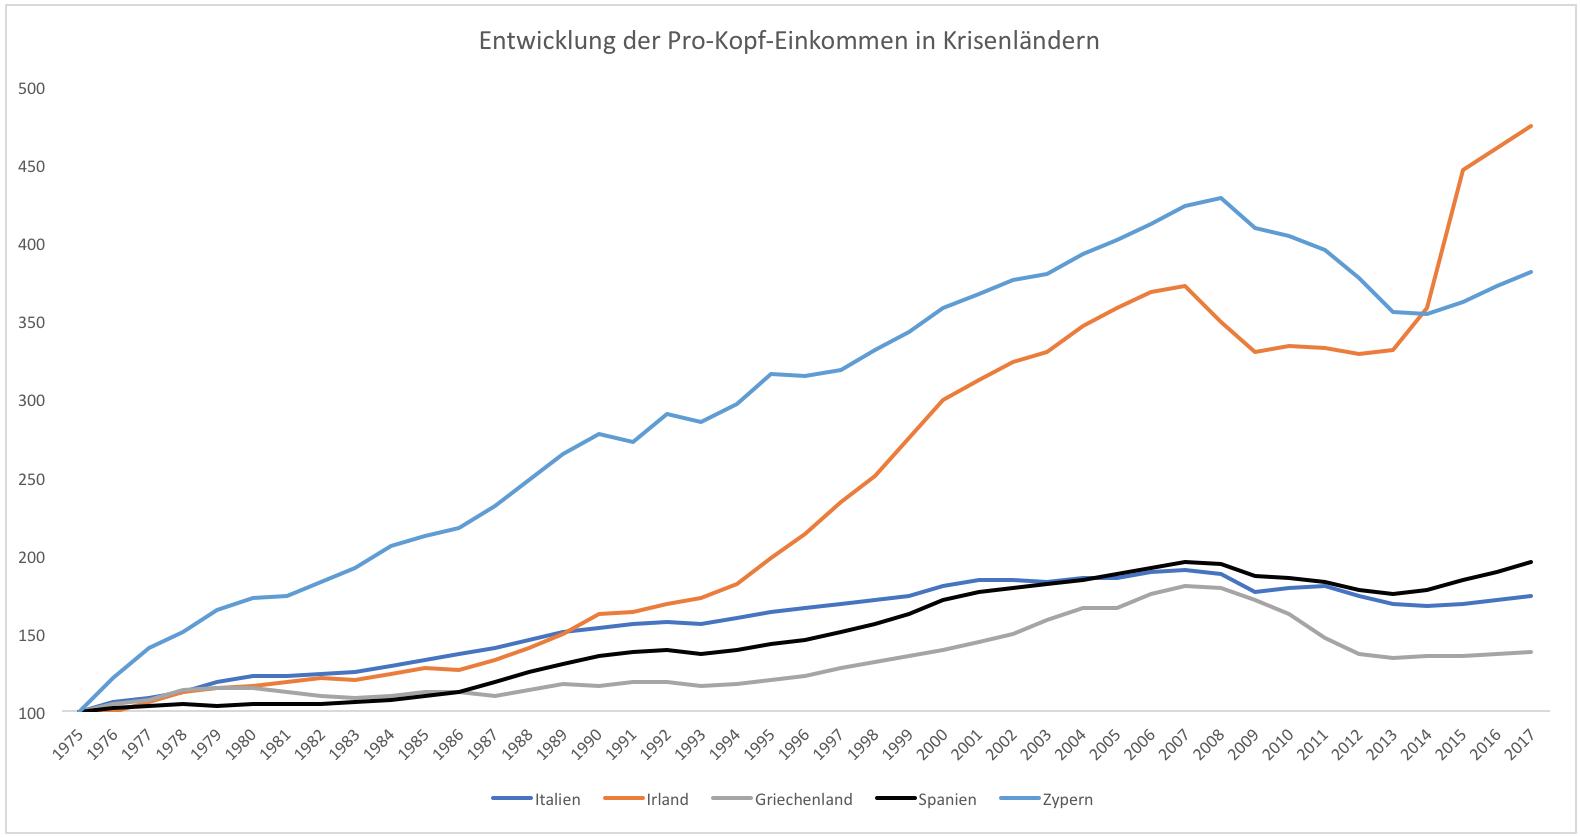 Bombenstimmung-aber-es-bleibt-viel-zu-tun-Kommentar-Clemens-Schmale-GodmodeTrader.de-2